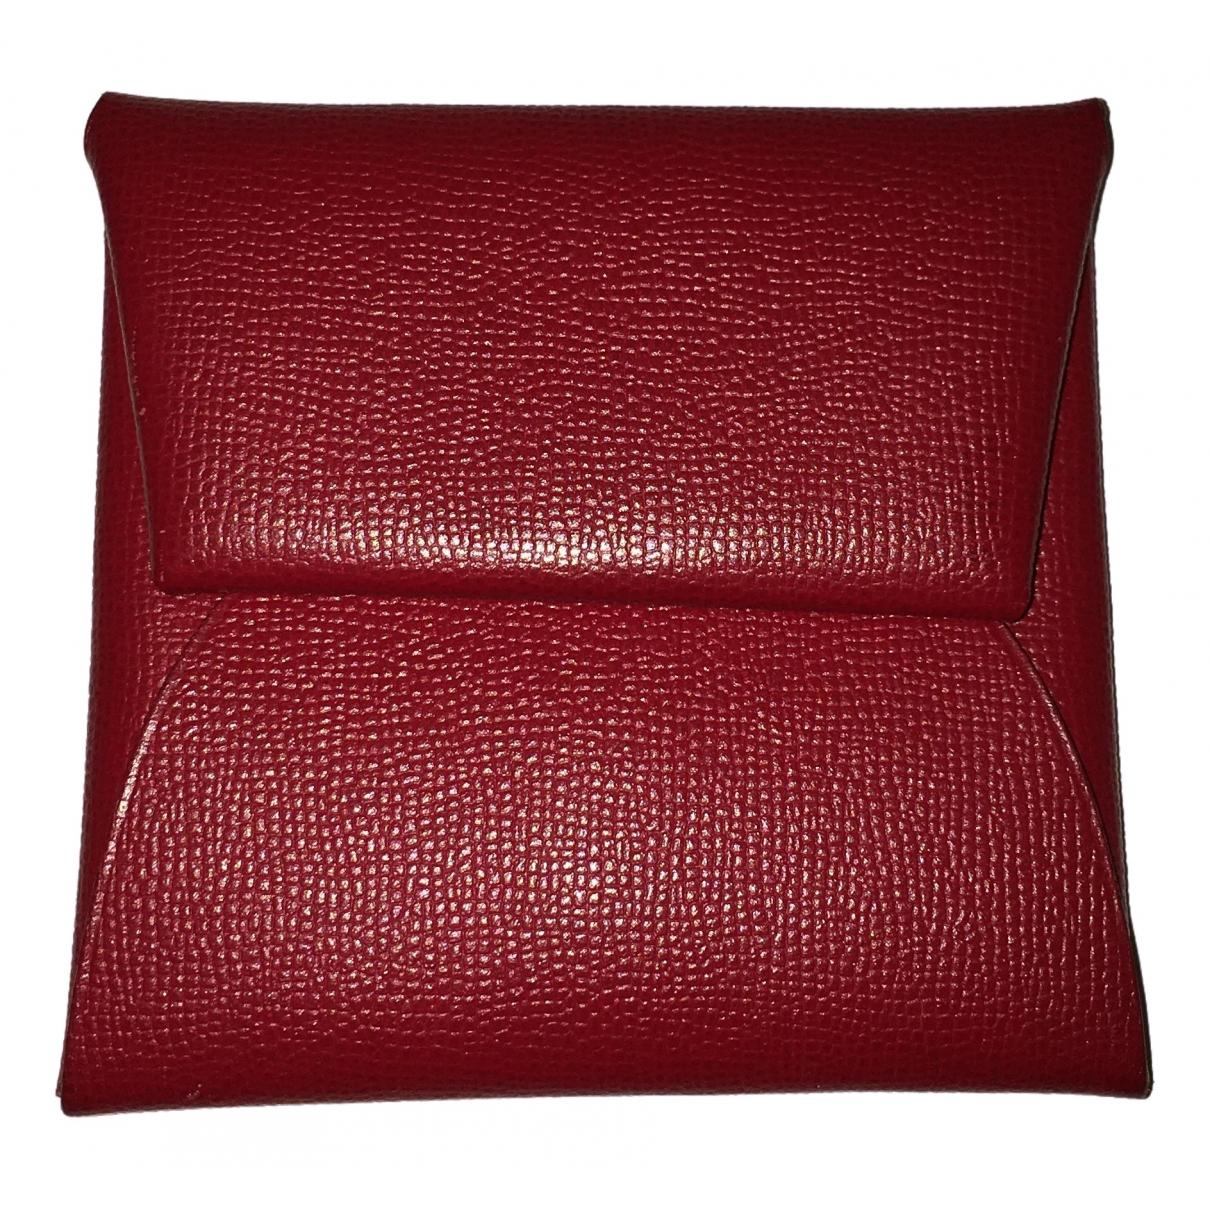 Hermes Bastia Kleinlederwaren in  Rot Leder